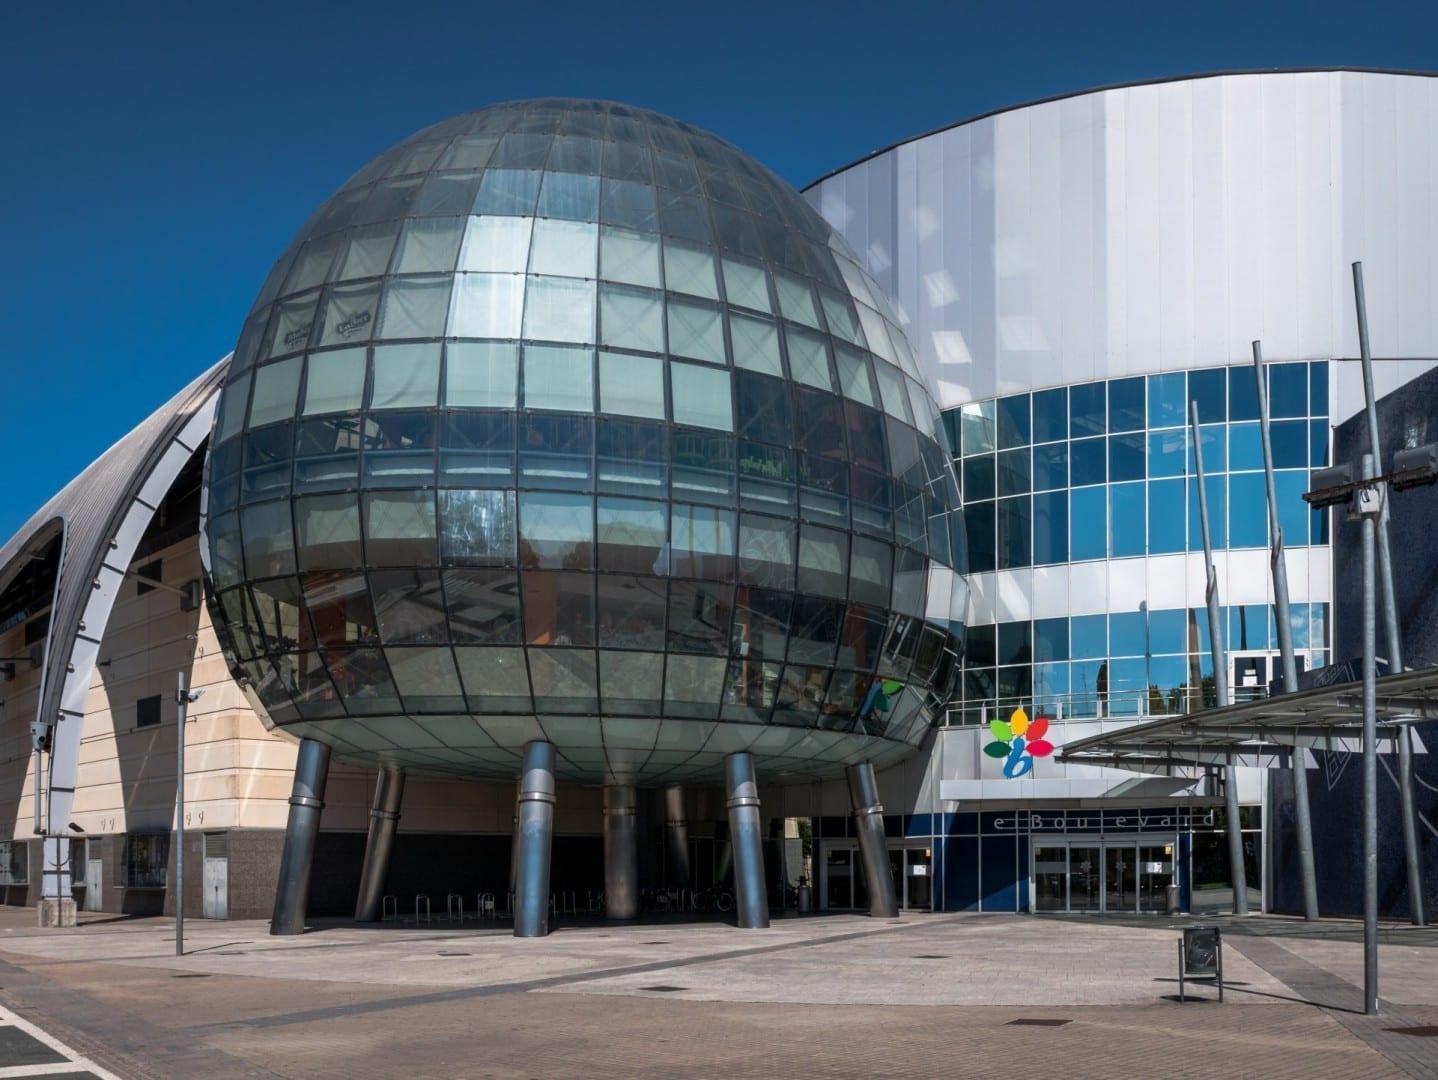 El centro comercial El Boulevard Vitoria-Gasteiz España